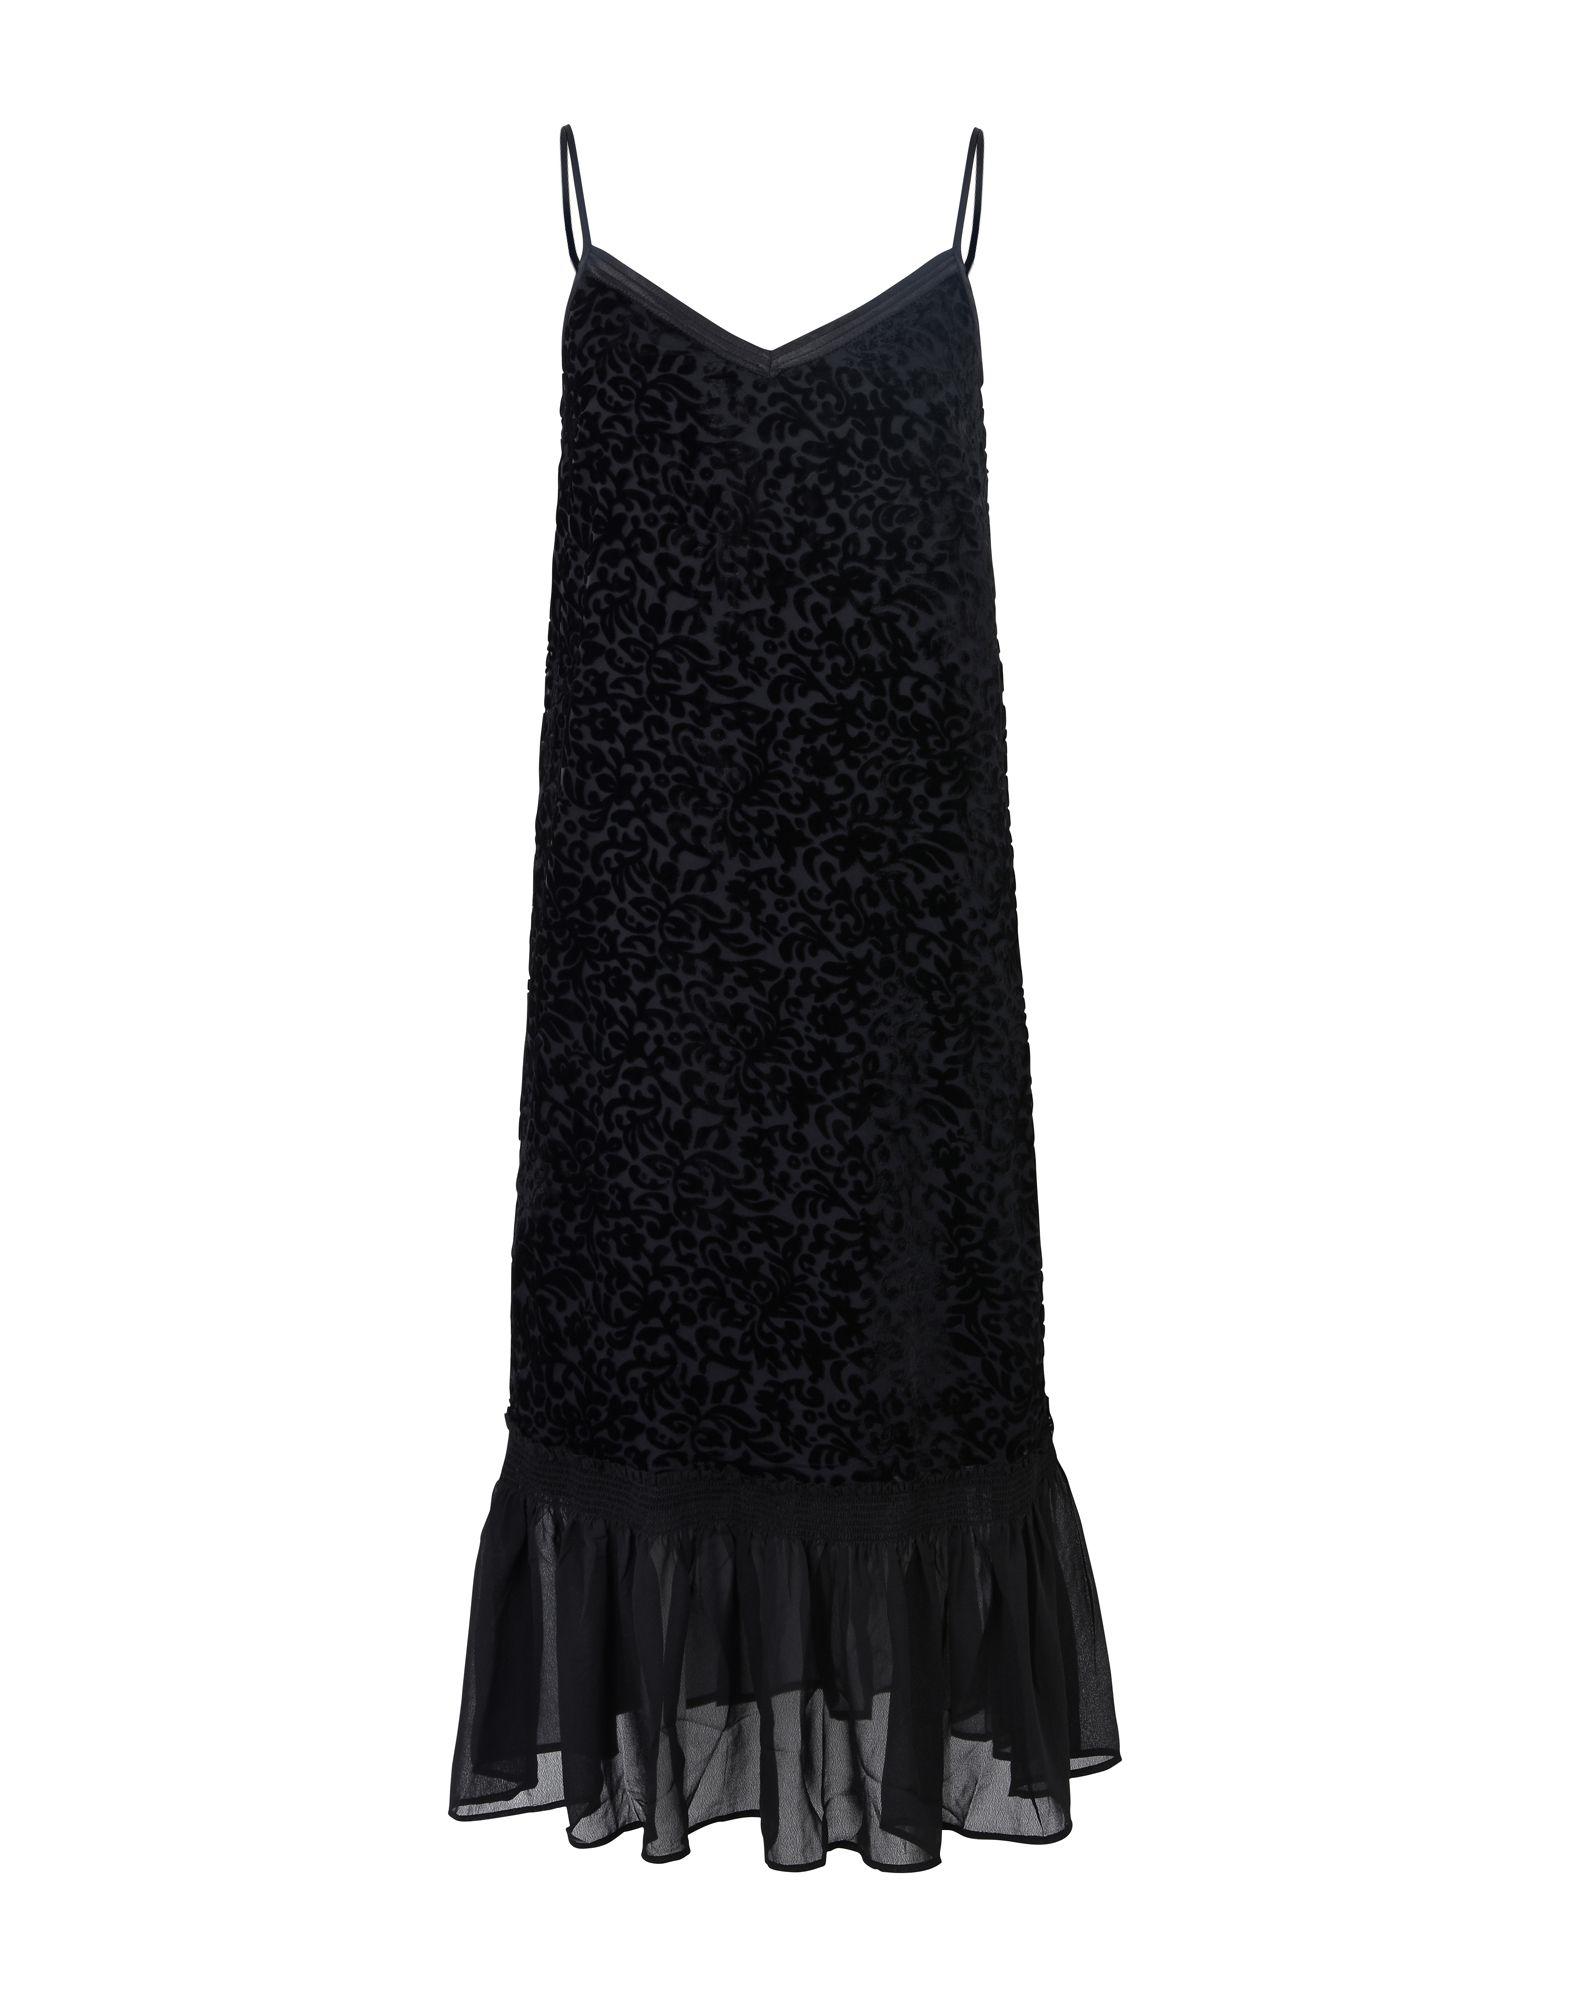 GEORGE J. LOVE Платье длиной 3/4 lisa corti платье длиной 3 4